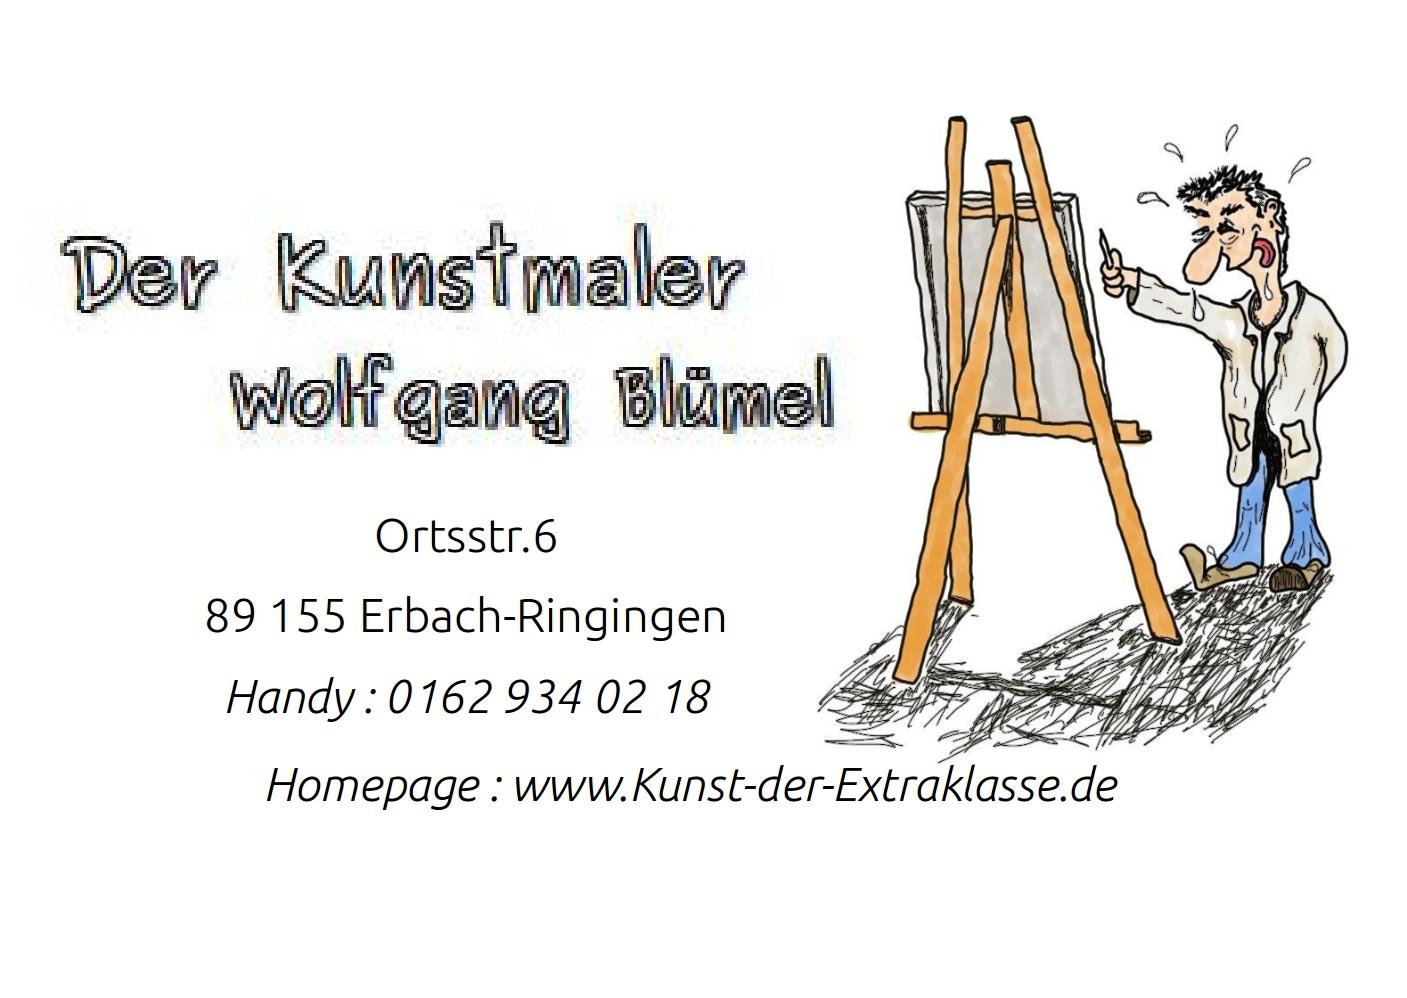 Der Kunstmaler Wolfgang Blümel